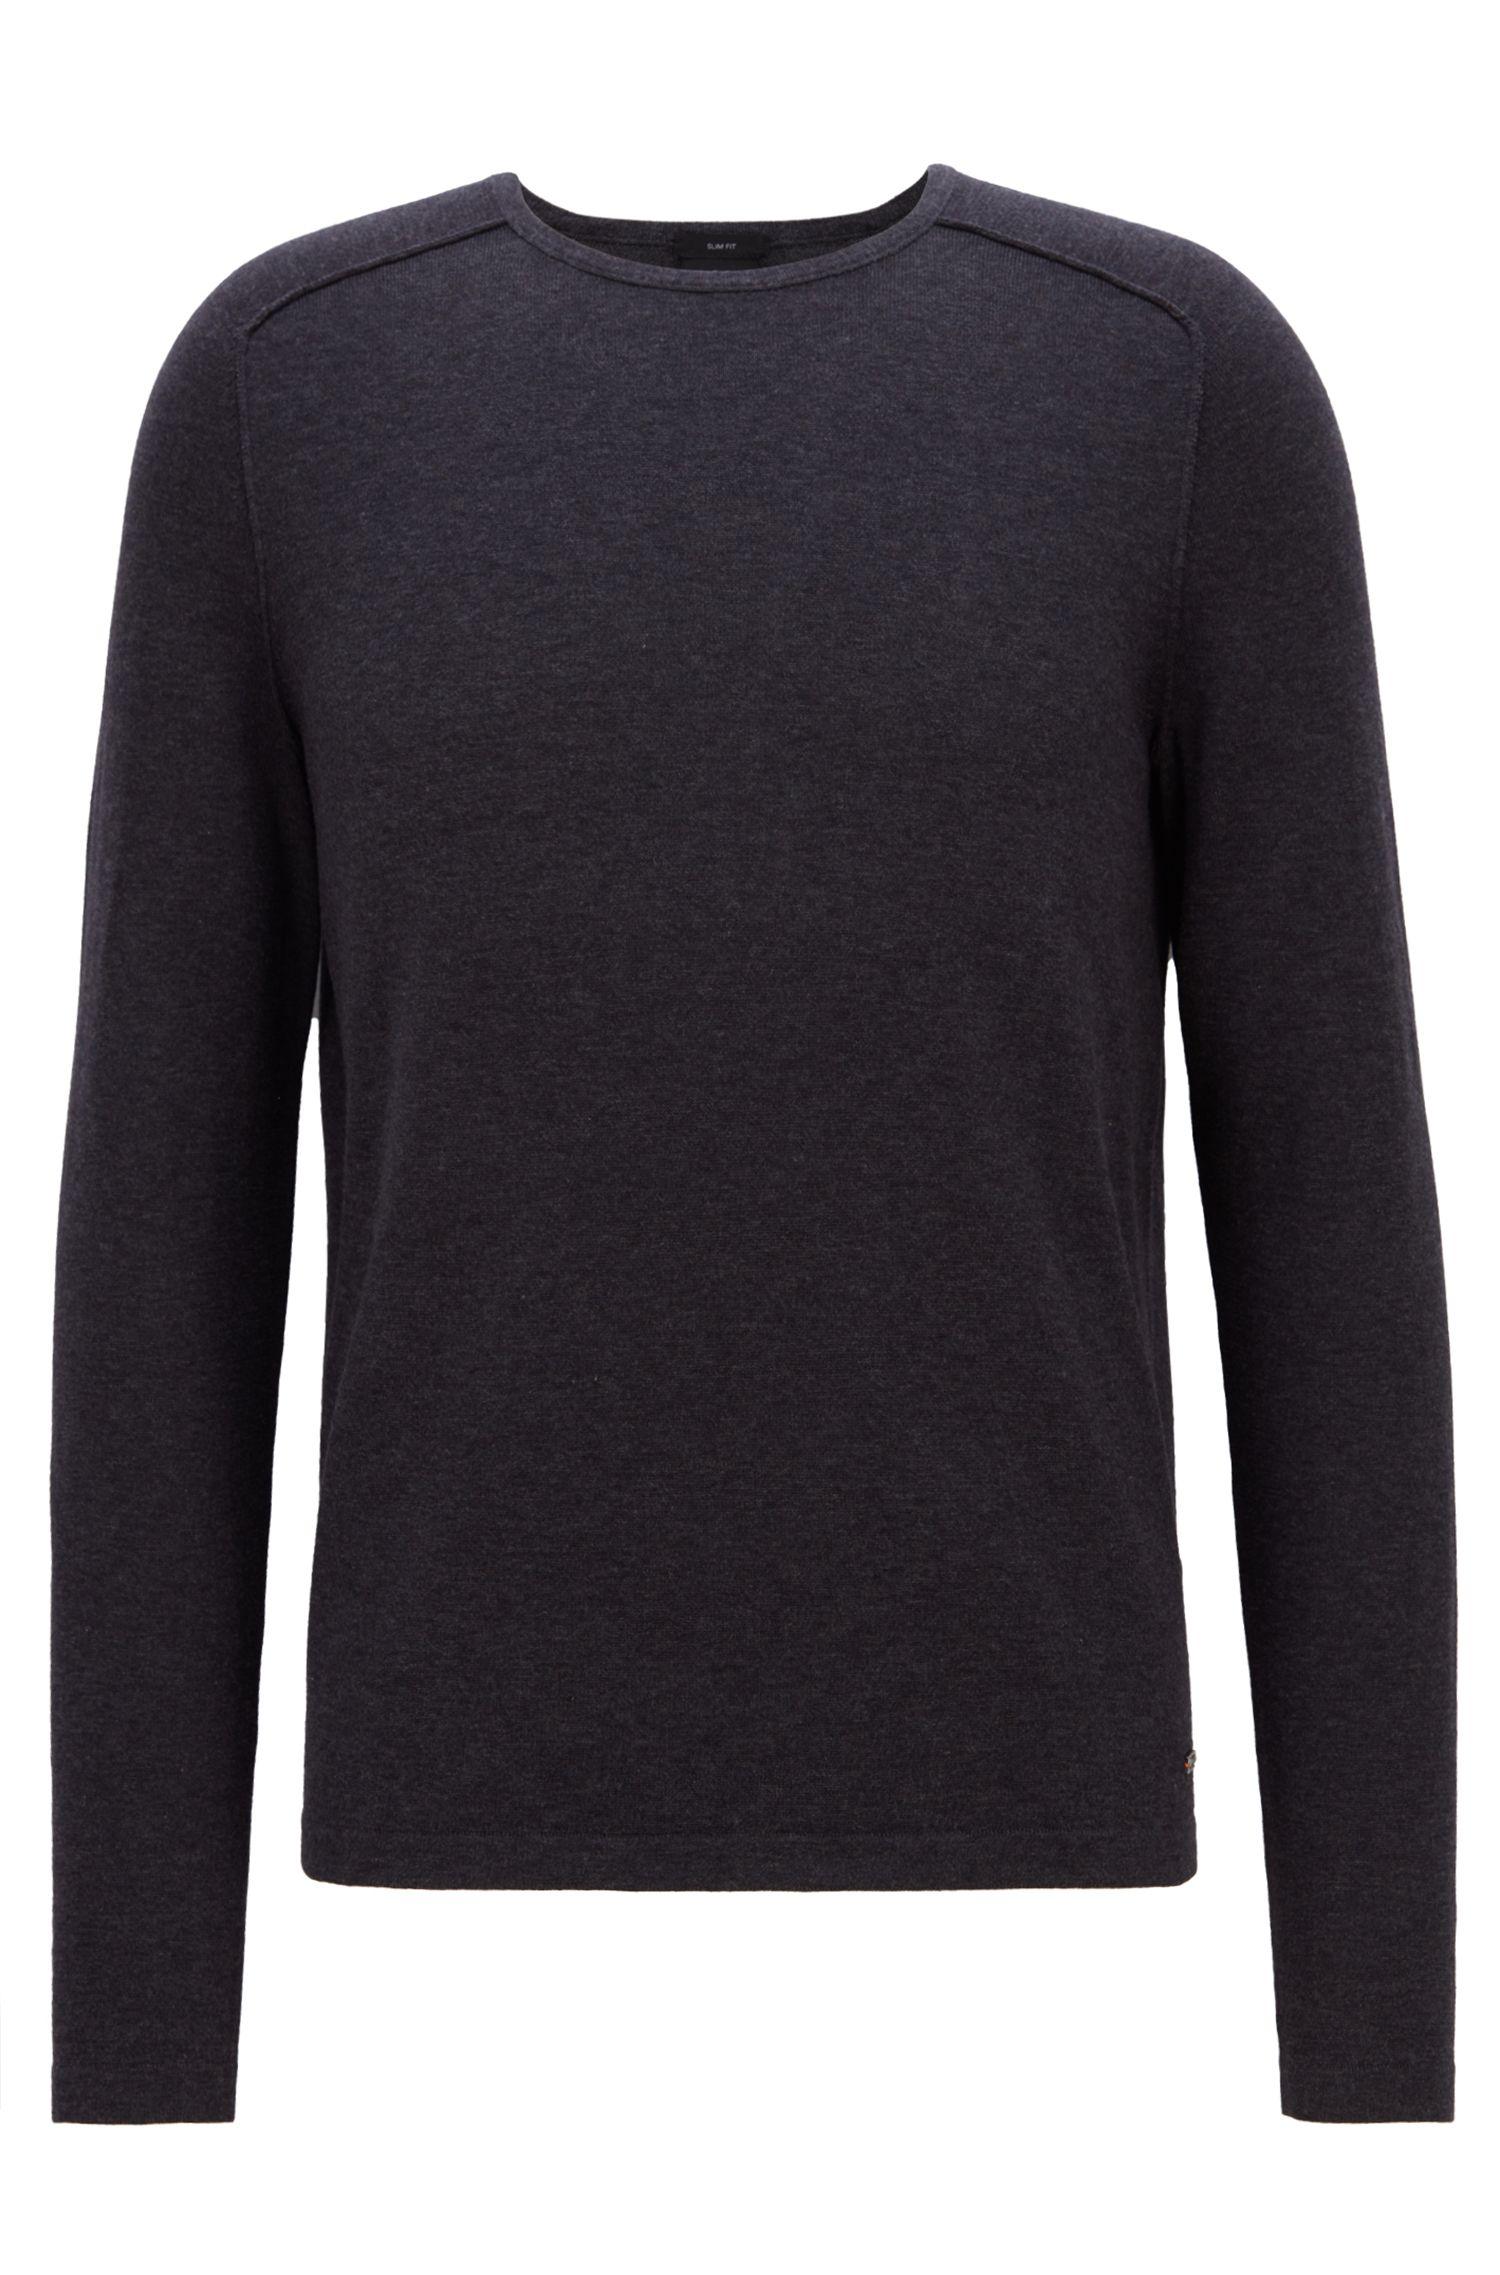 Pullover aus gestrickter Baumwolle mit Paspel-Details, Dunkelgrau